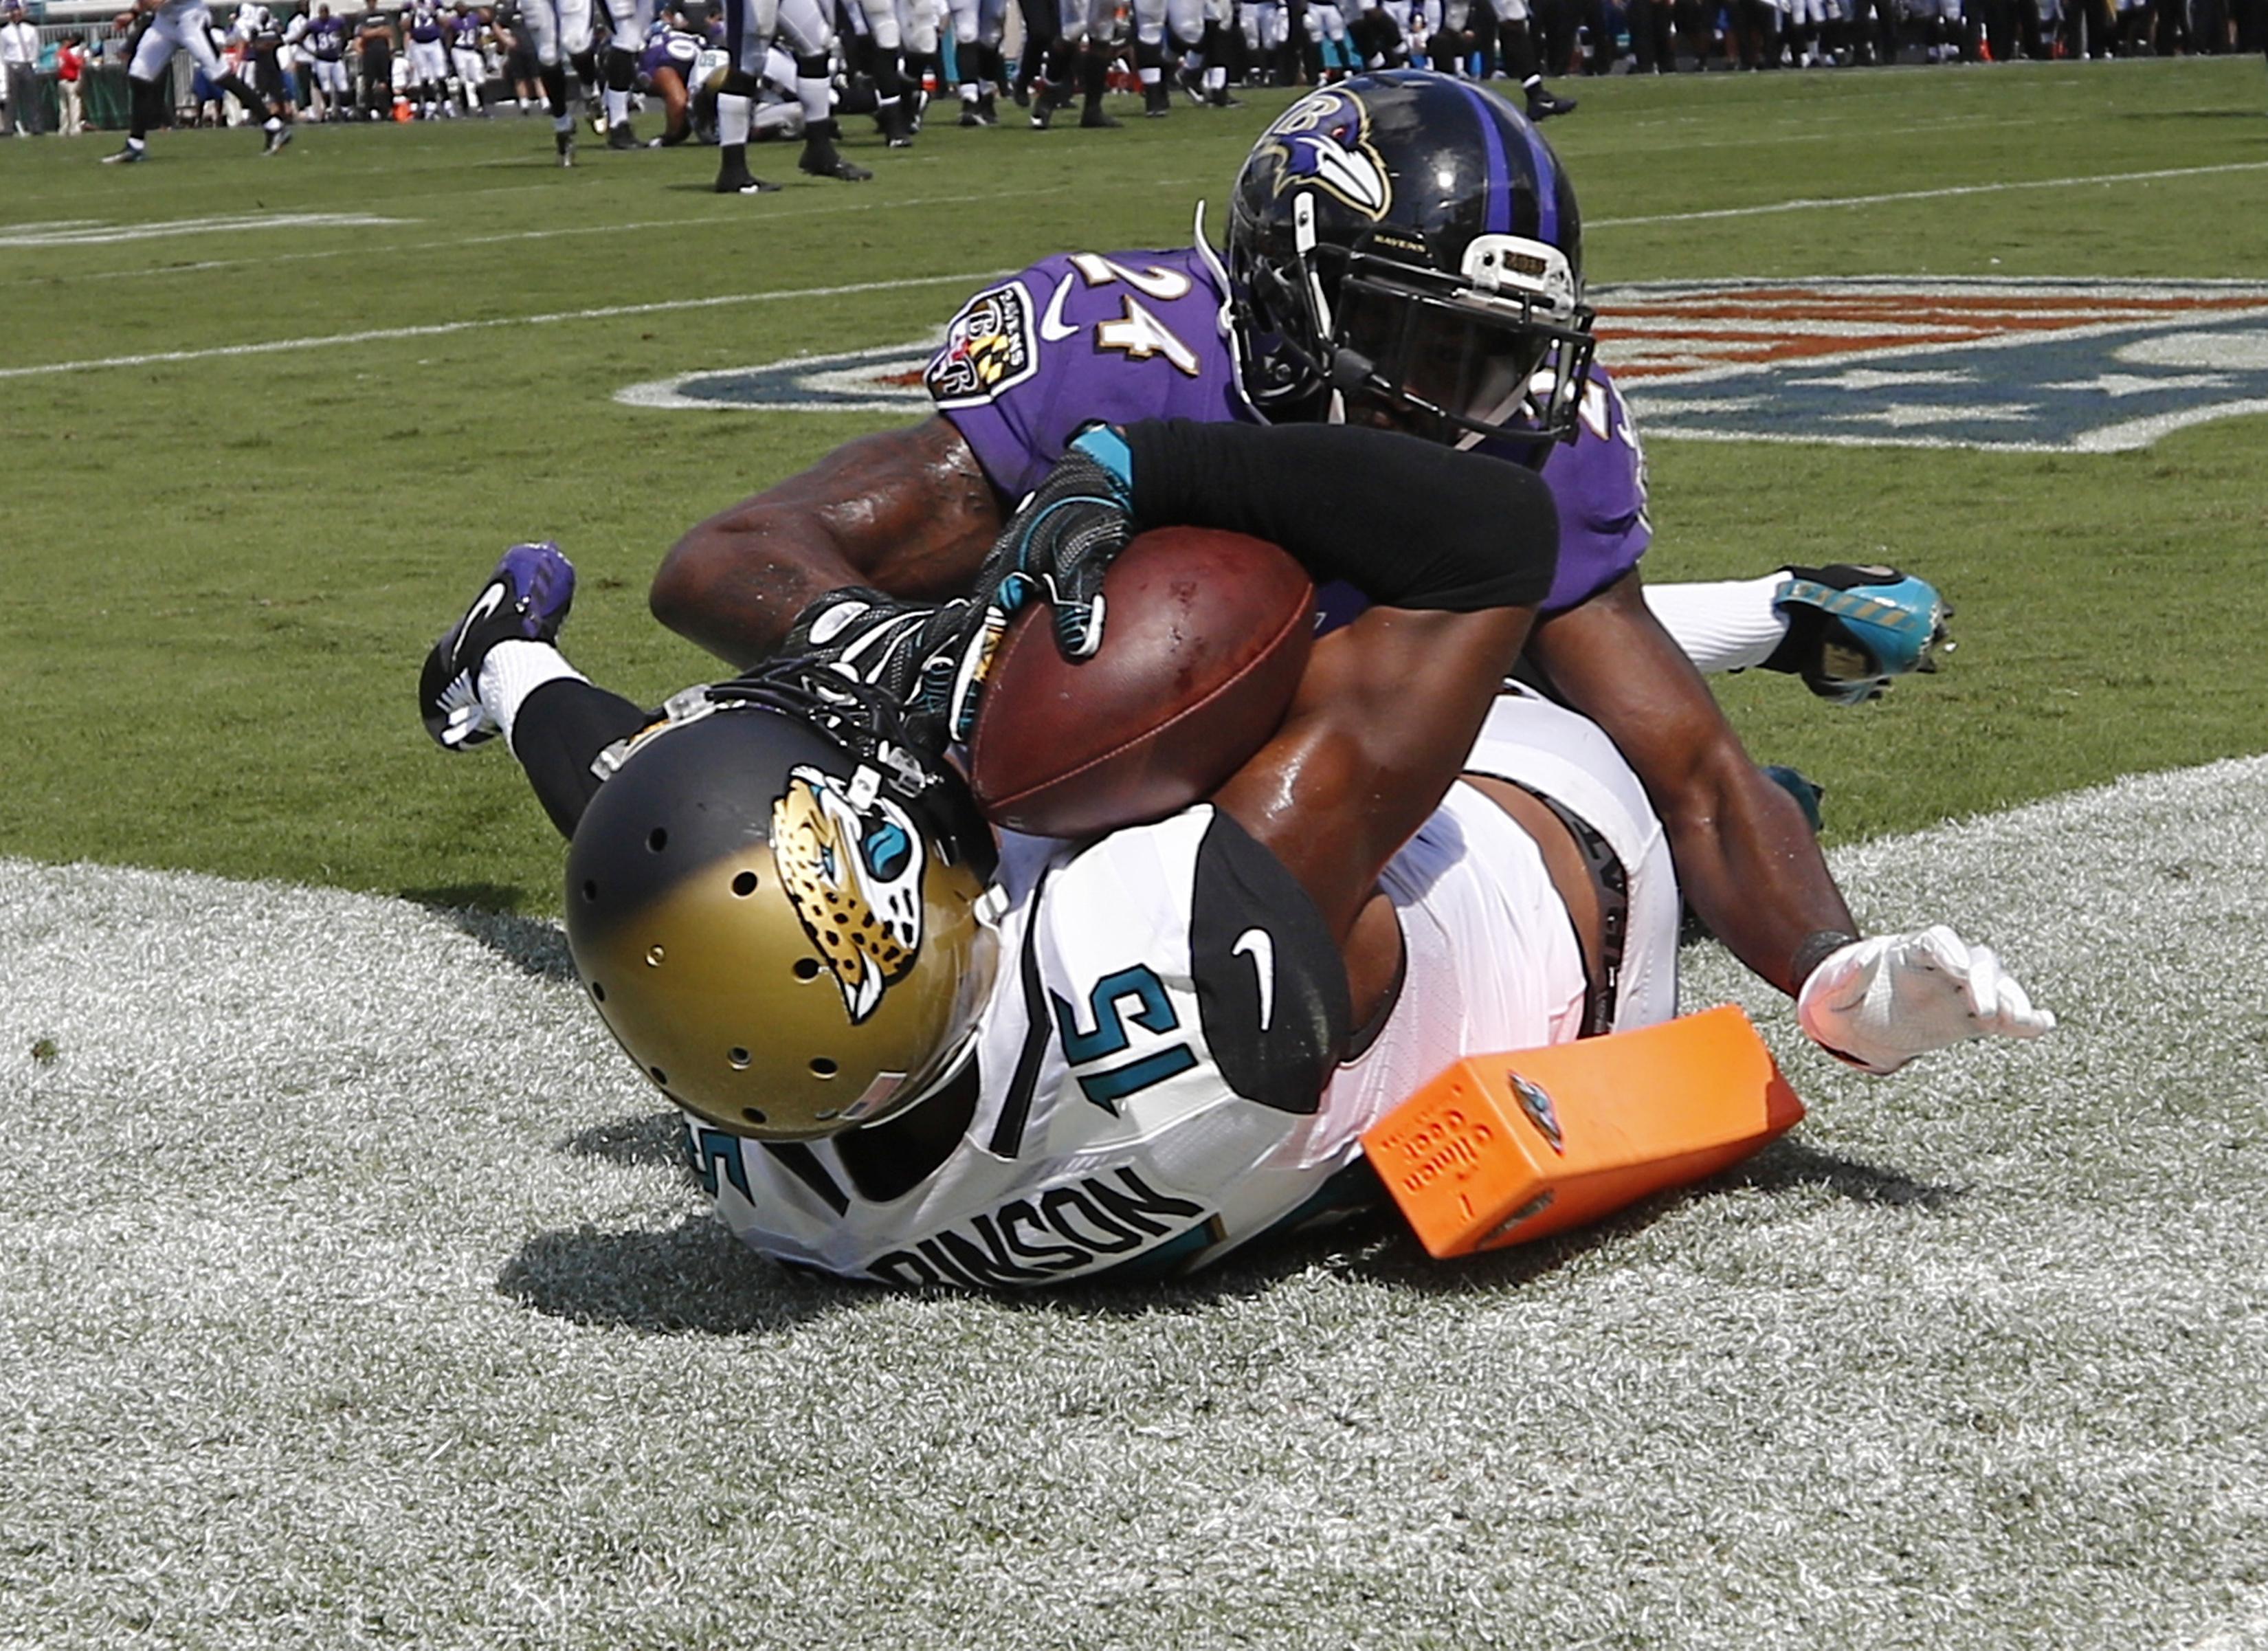 Ravens_jaguars_football